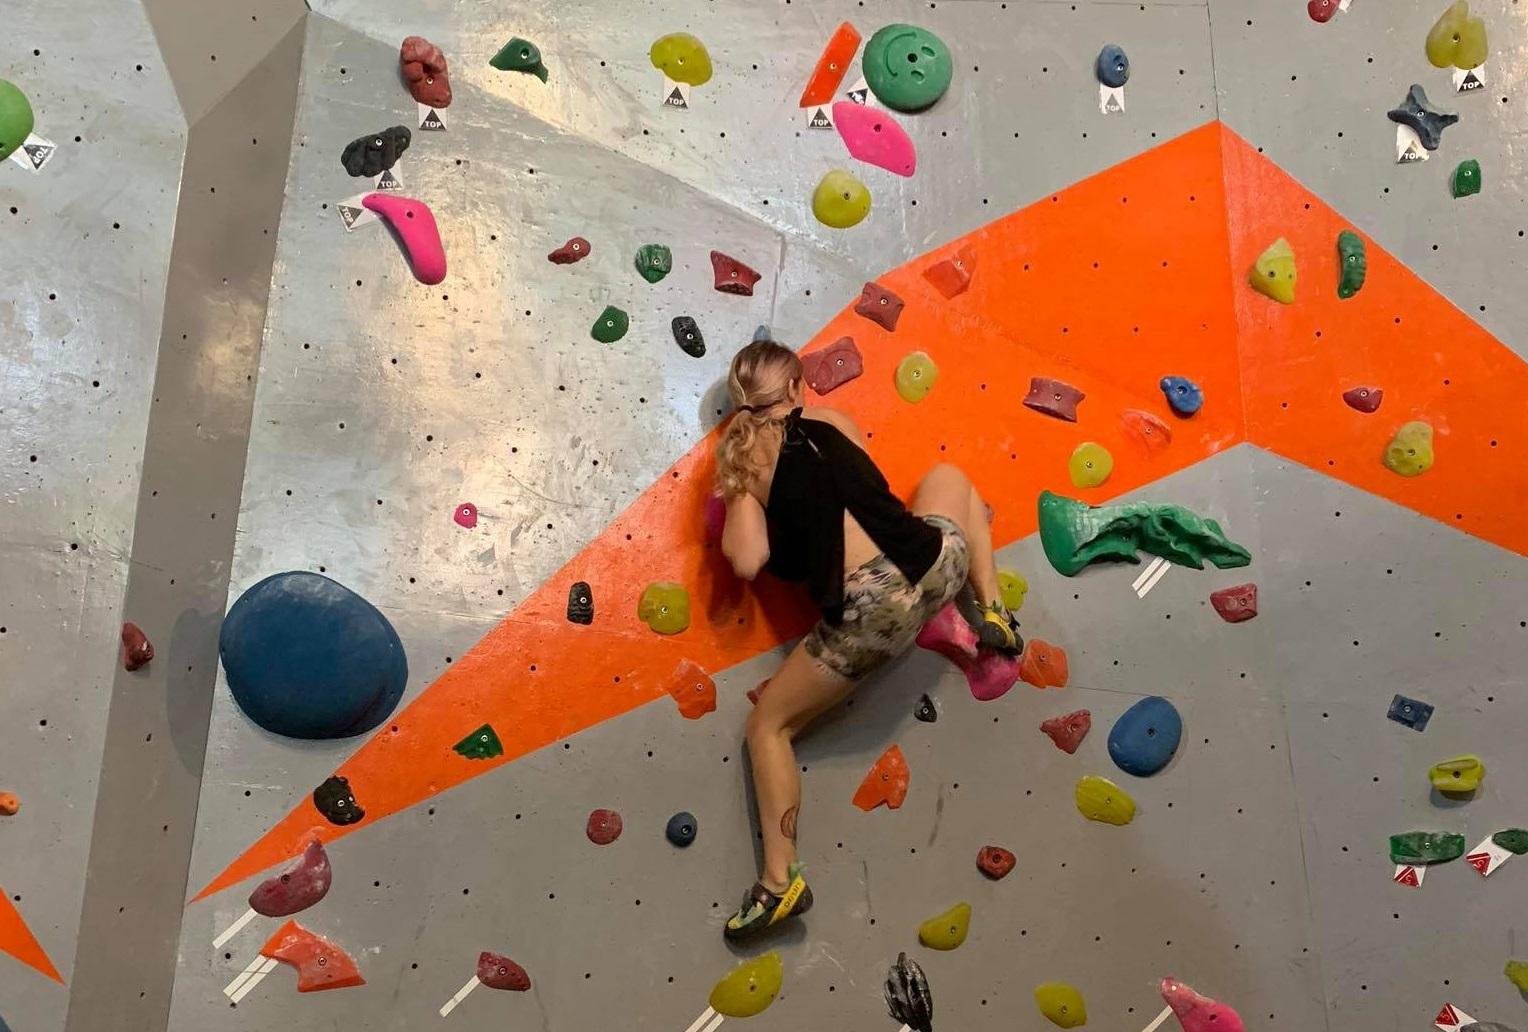 Các bạn trẻ quốc tế cũng thường ghé tới Vietclimb để leo núi